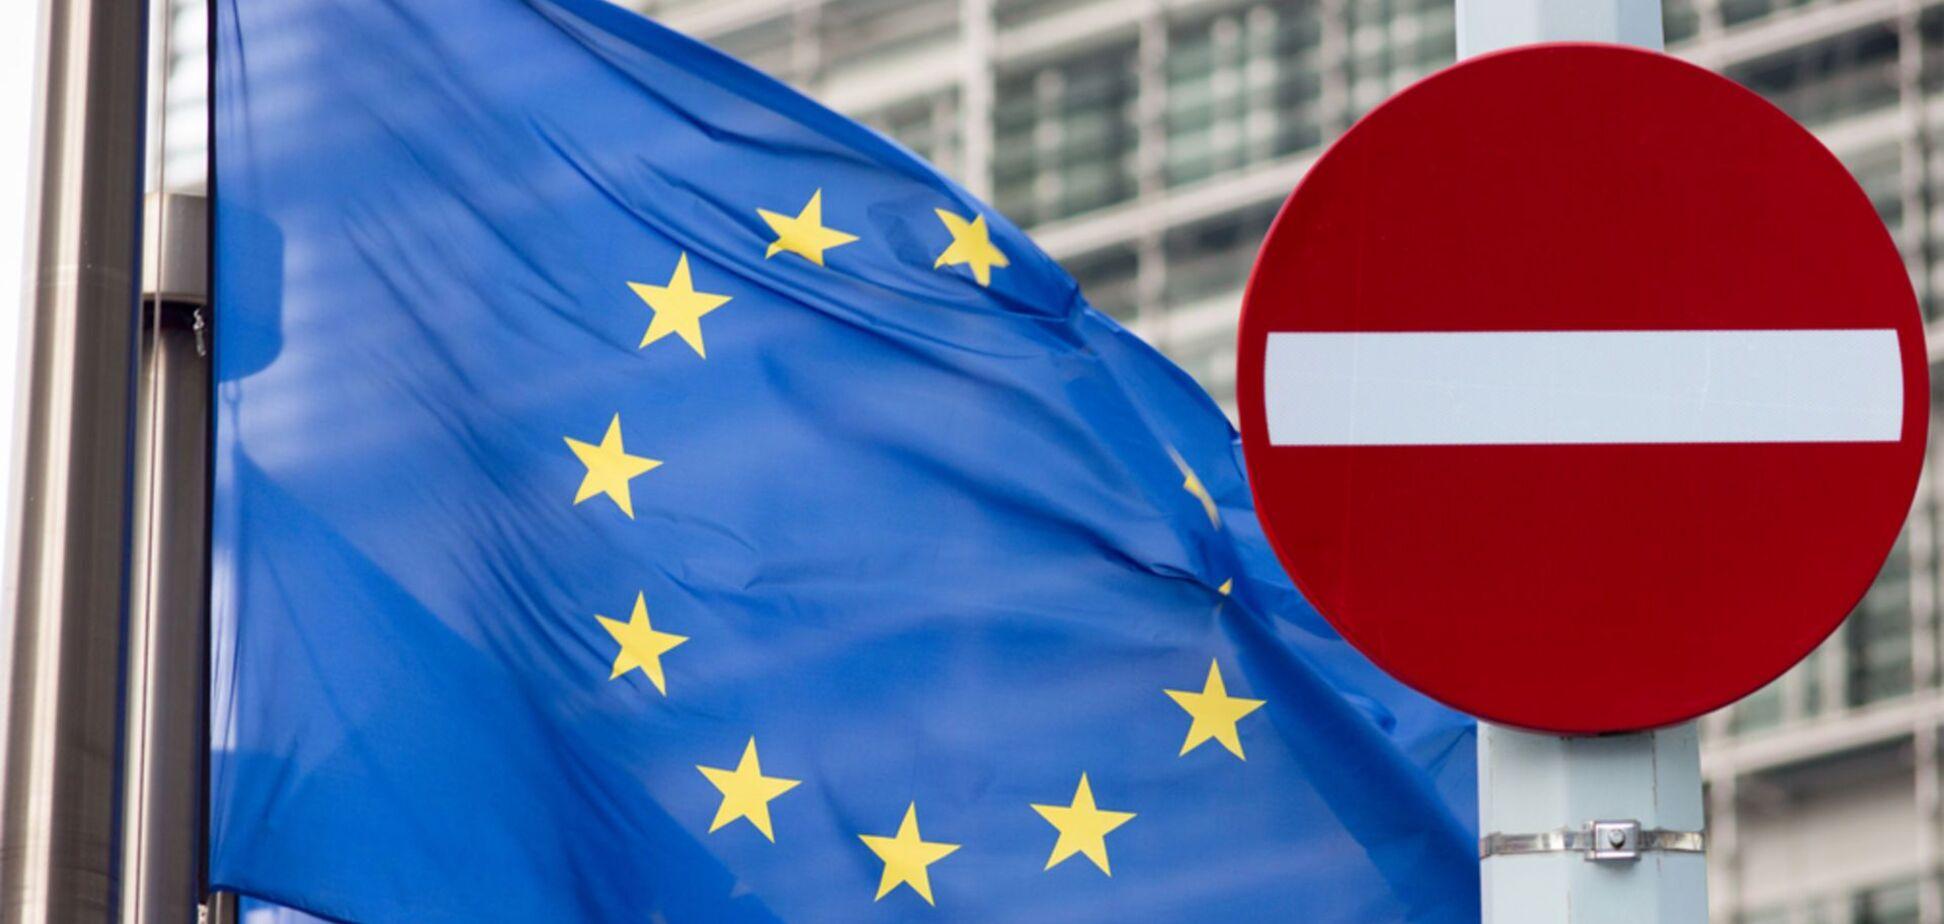 Евросоюз собрался ввести дополнительные санкции против России из-за войны в Украине